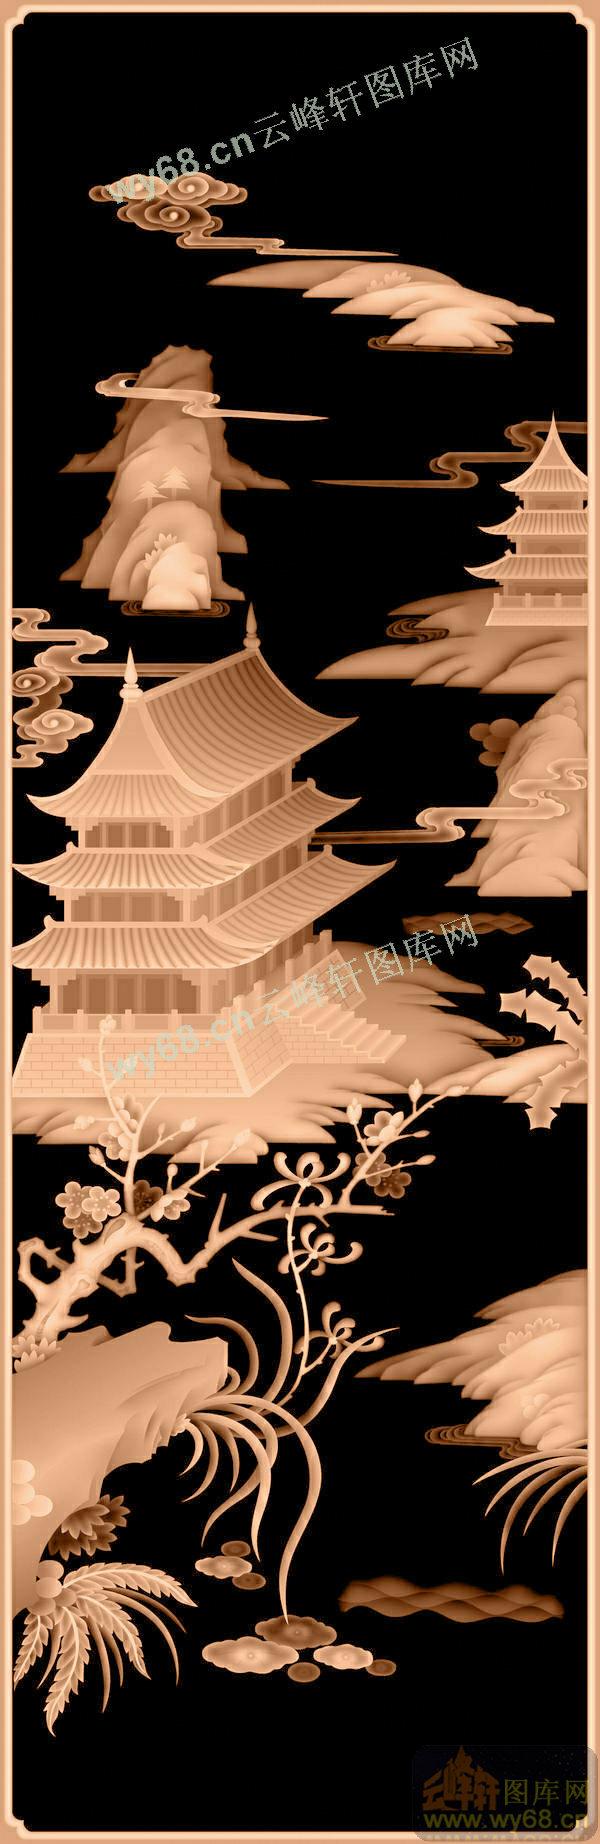 楼阁山水门板-亭台山水楼阁风景精雕图案